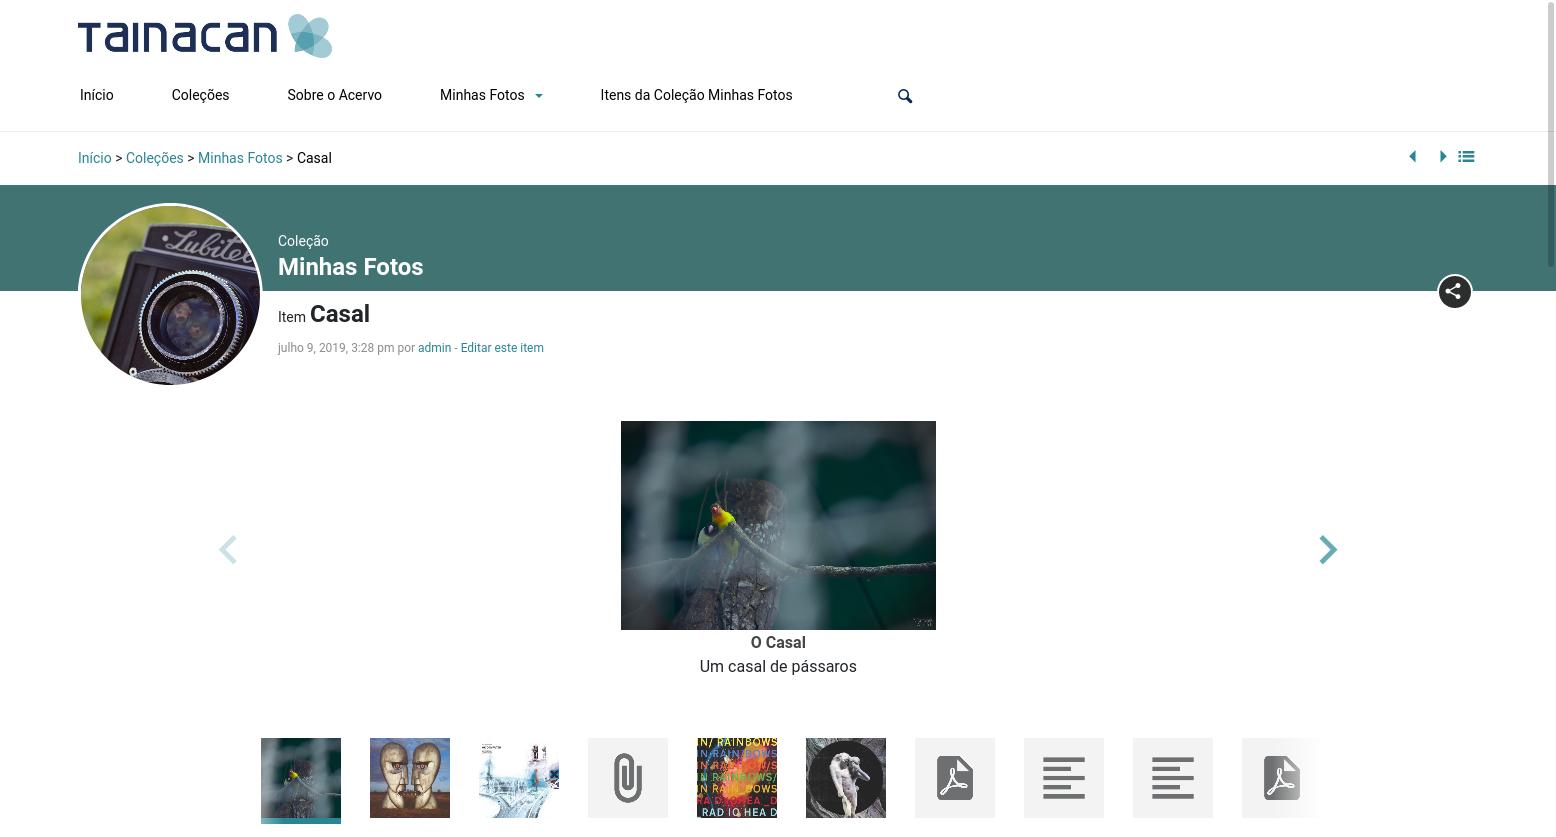 Captura de tela do Tainacan Interface 2.3